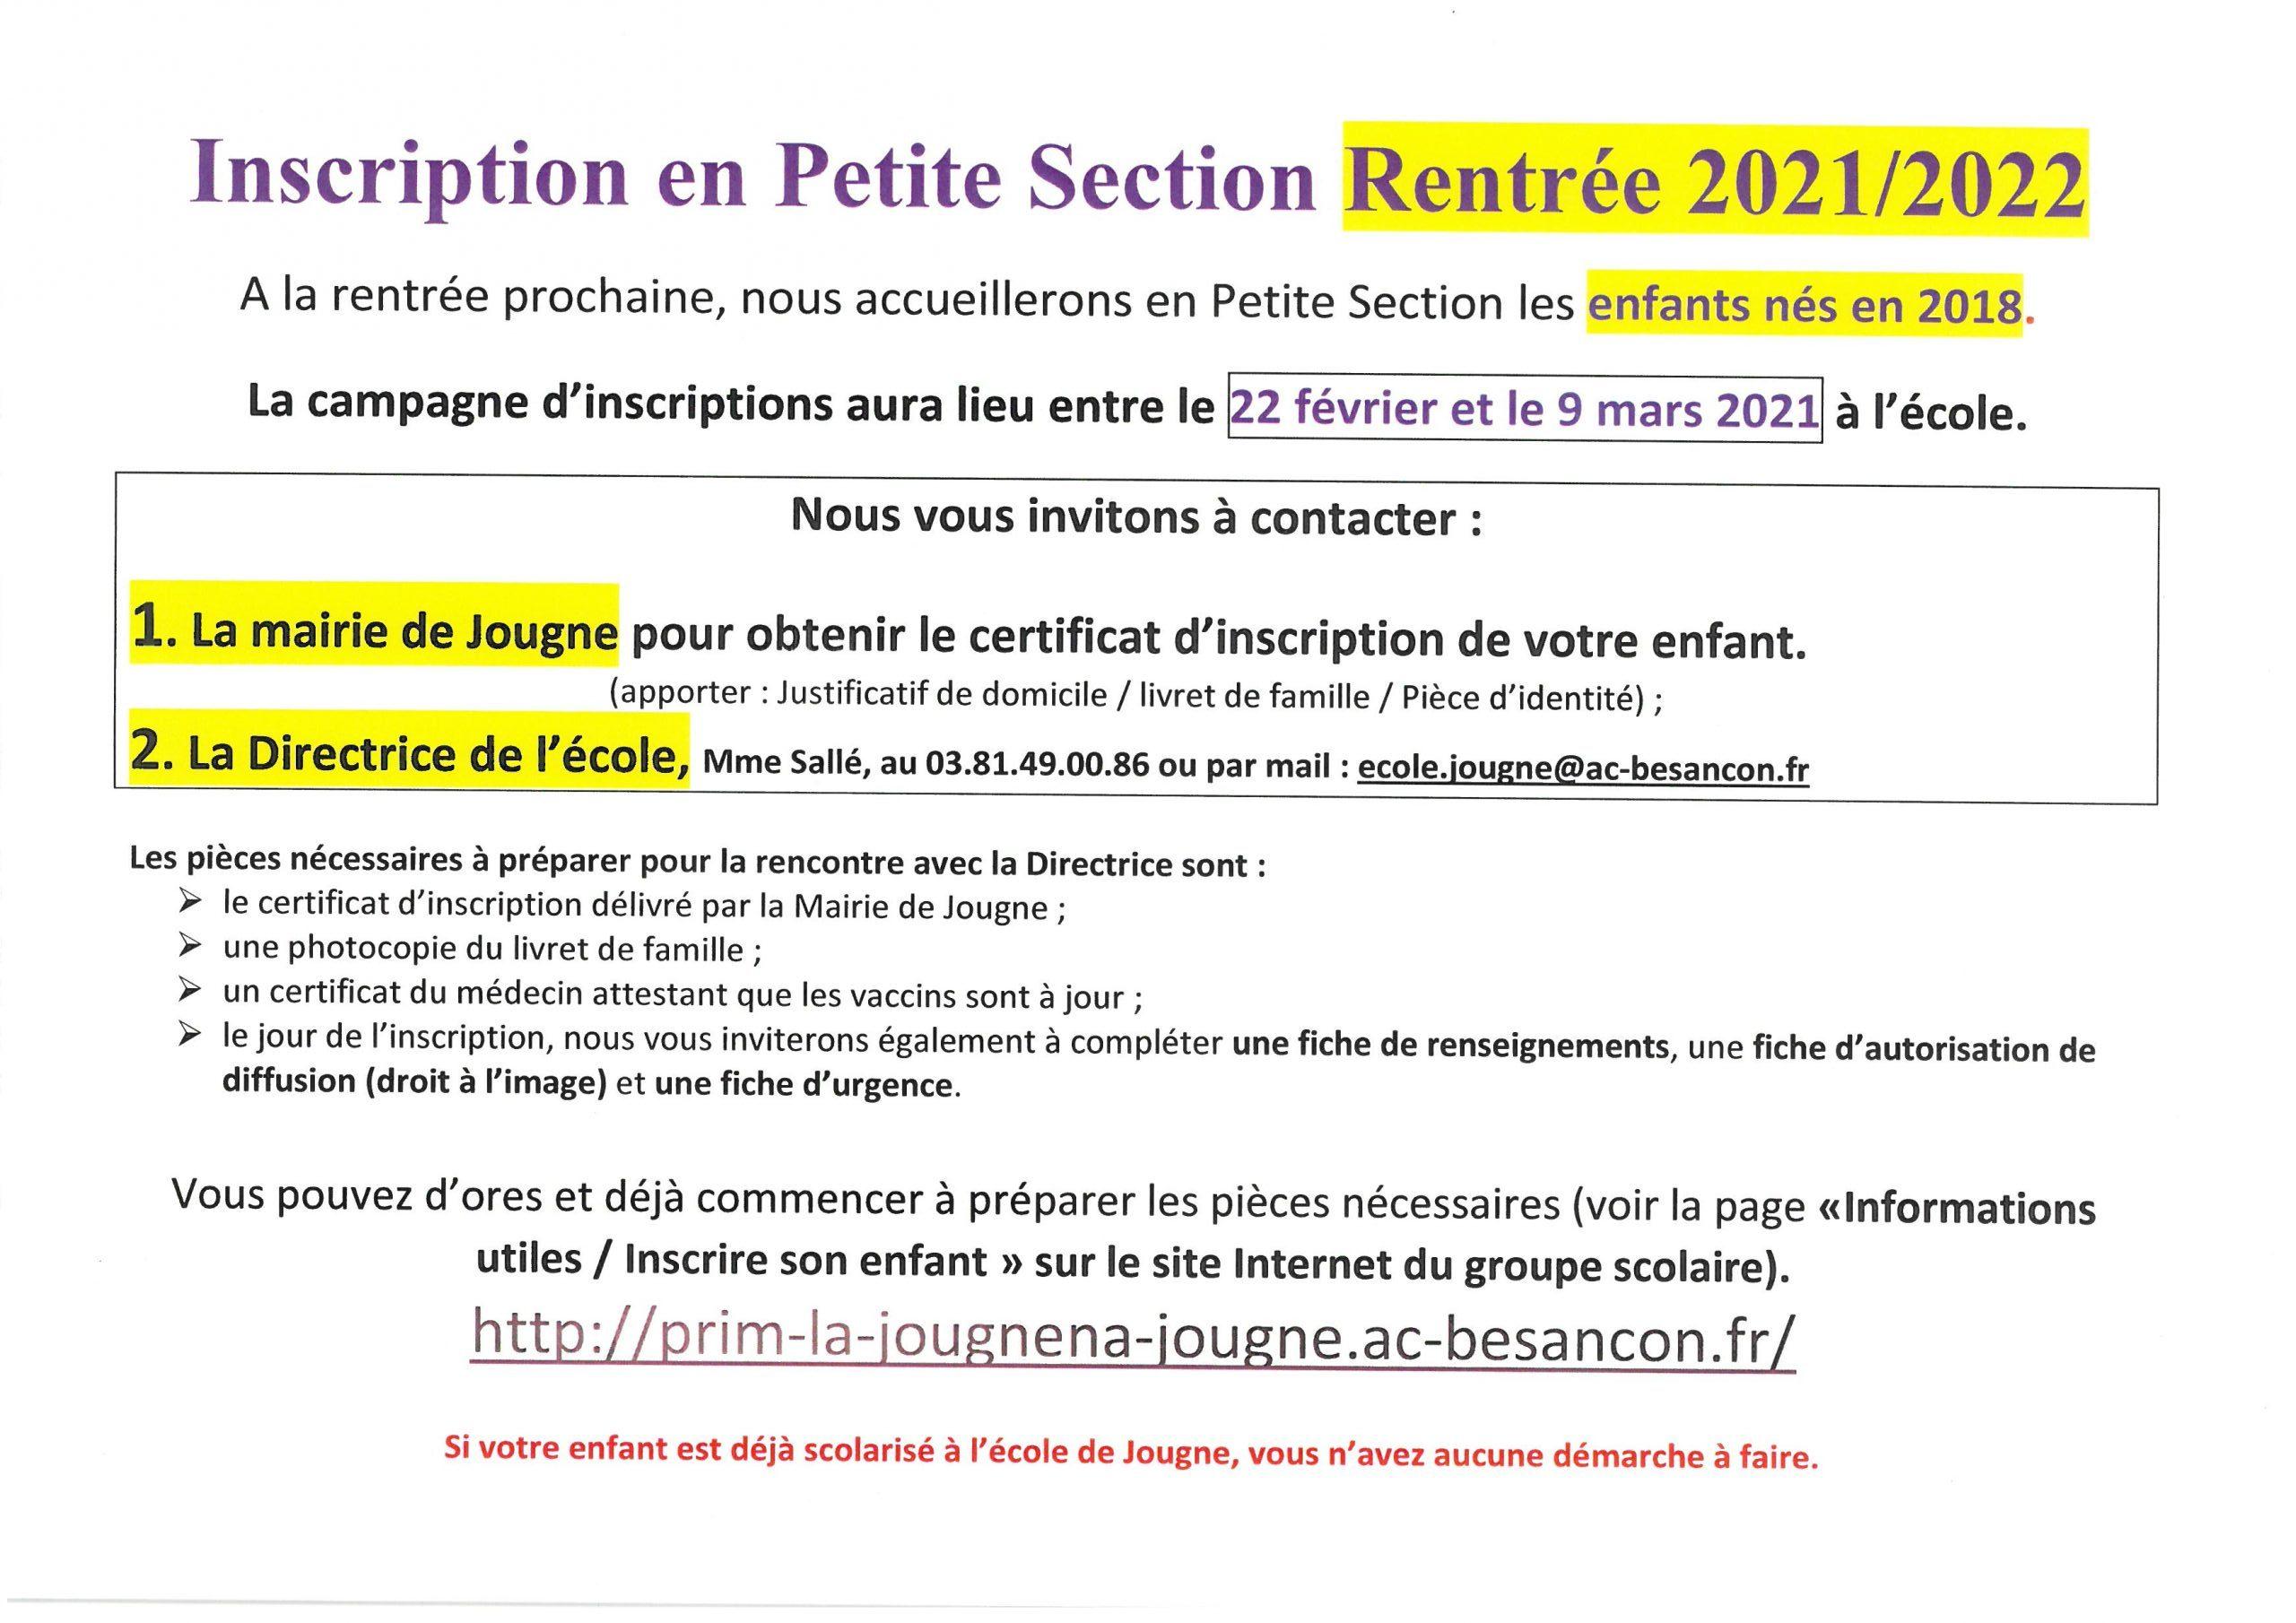 Inscription en Petite section Jougne Rentrée 2021-2022